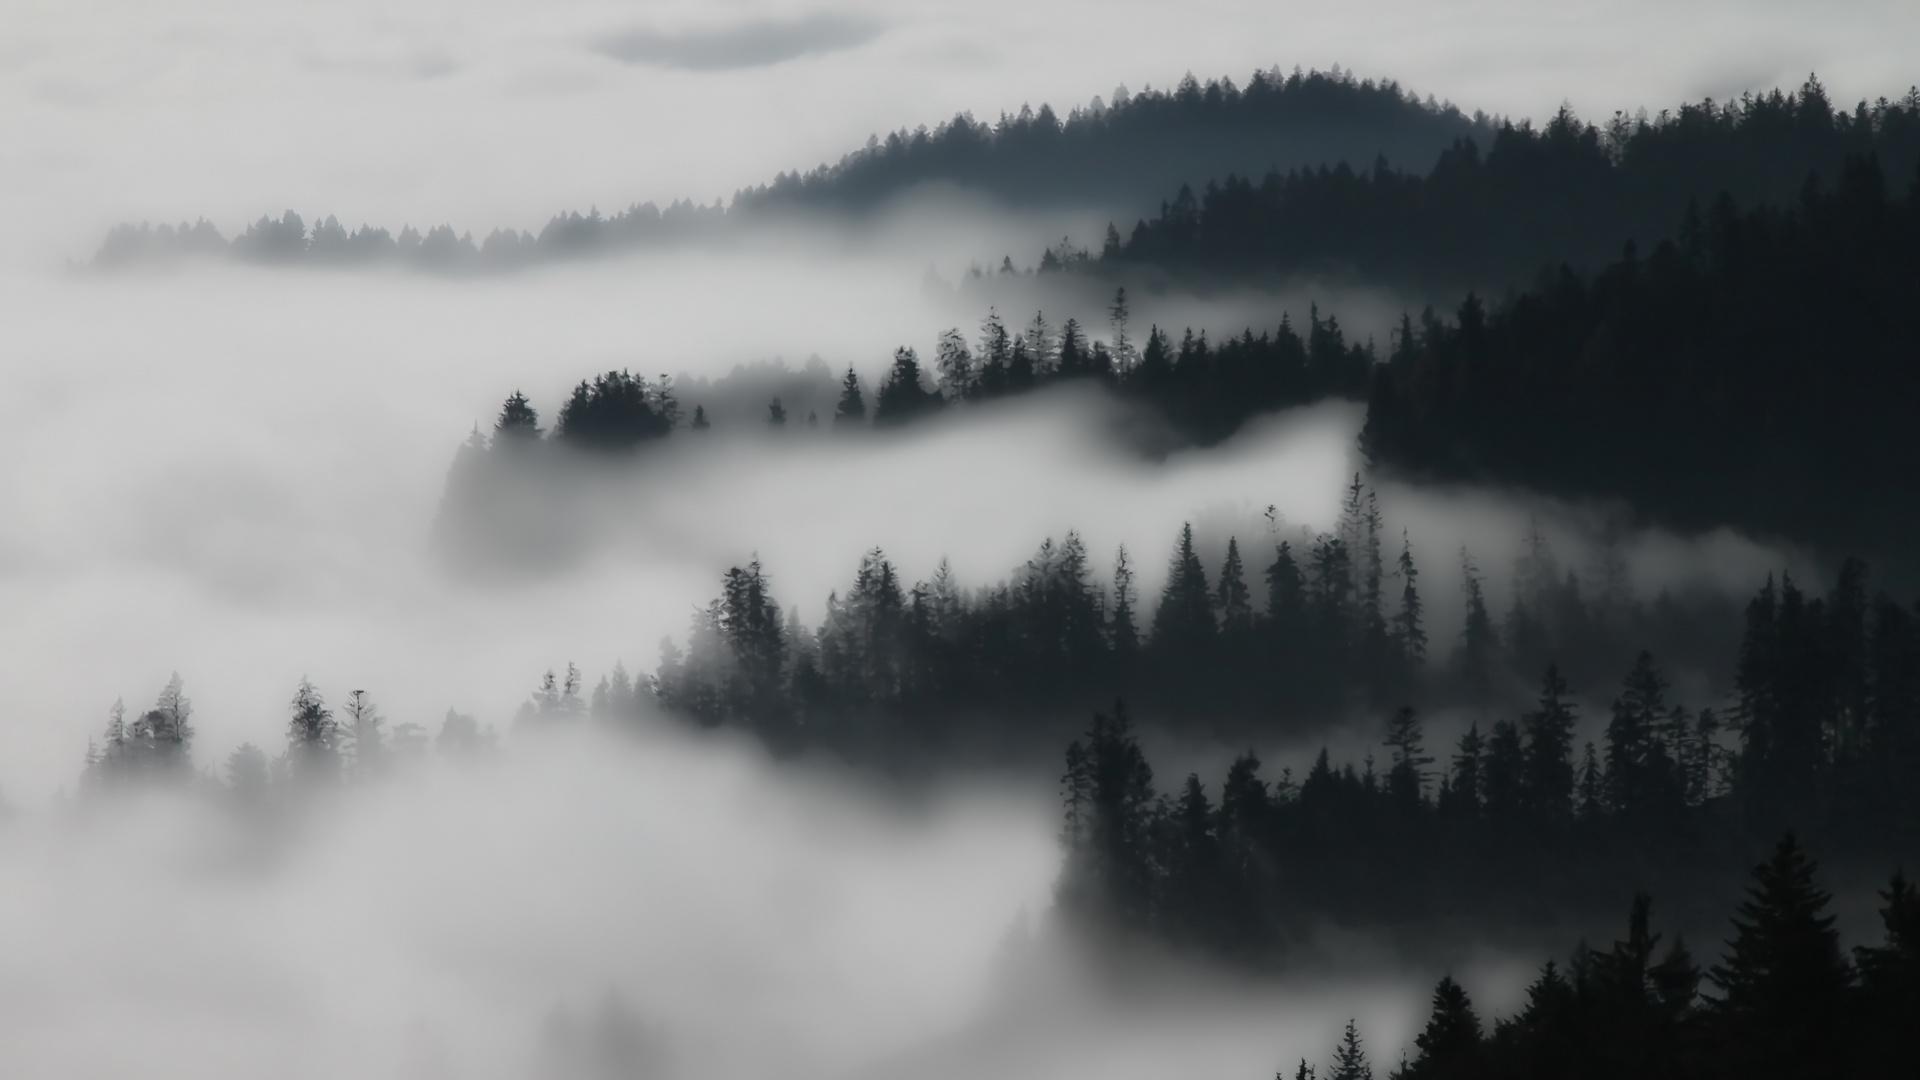 Minimalist Nebel Im Wald Foto Amp Bild Landschaft Wald Nebel Bilder